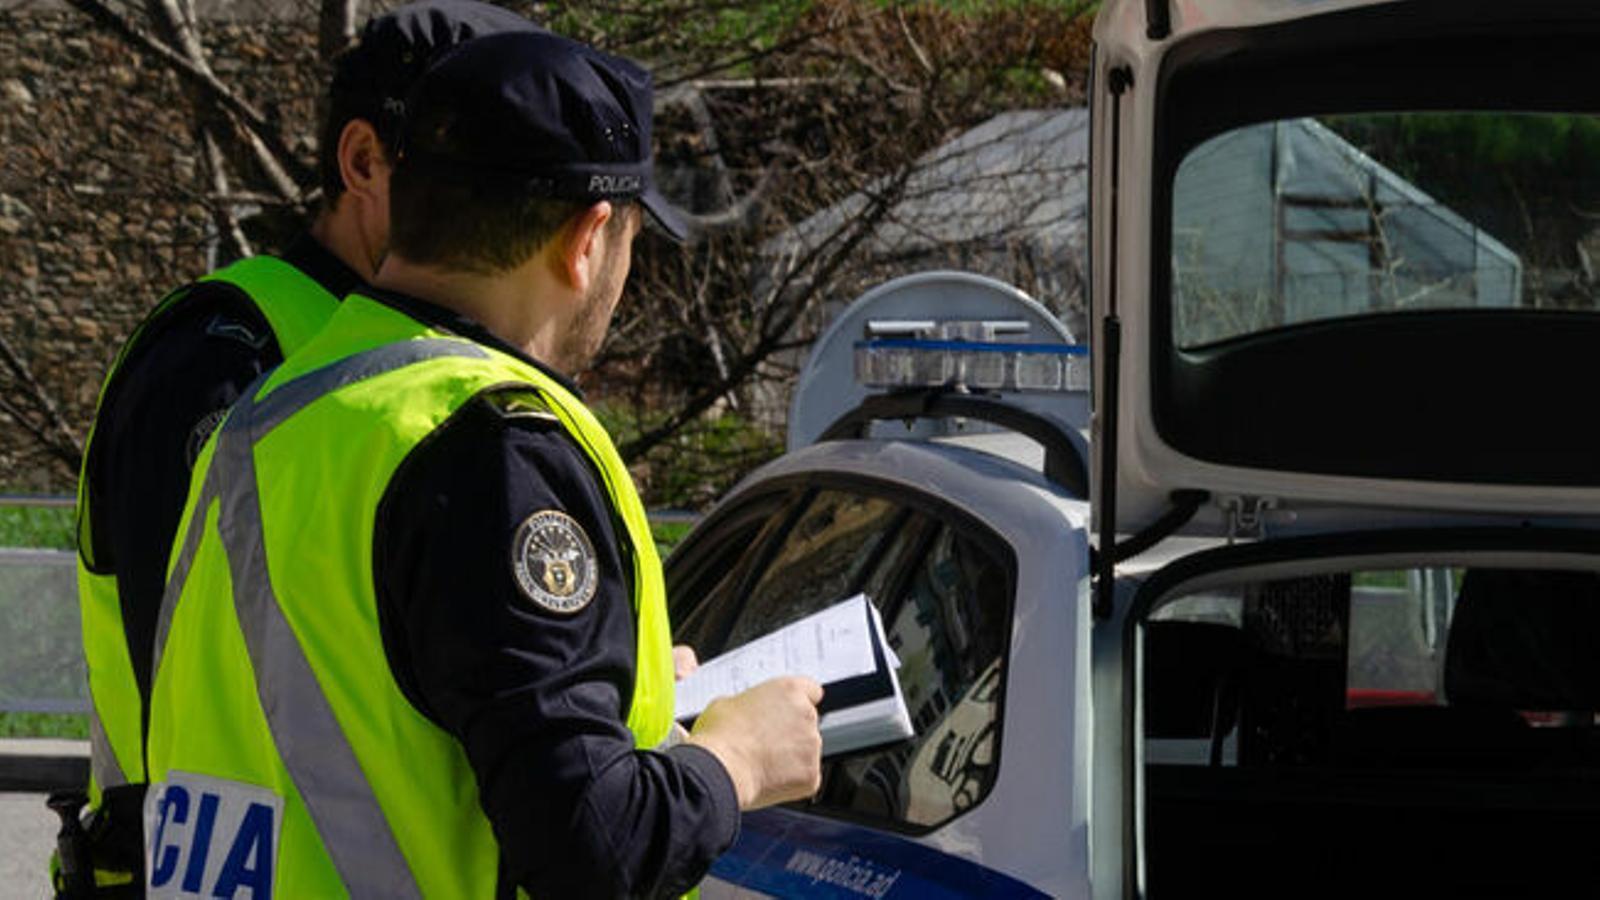 La policia ha informat aquest dissabte de l'accident de divendres a la tarda. / ARXIU ANA